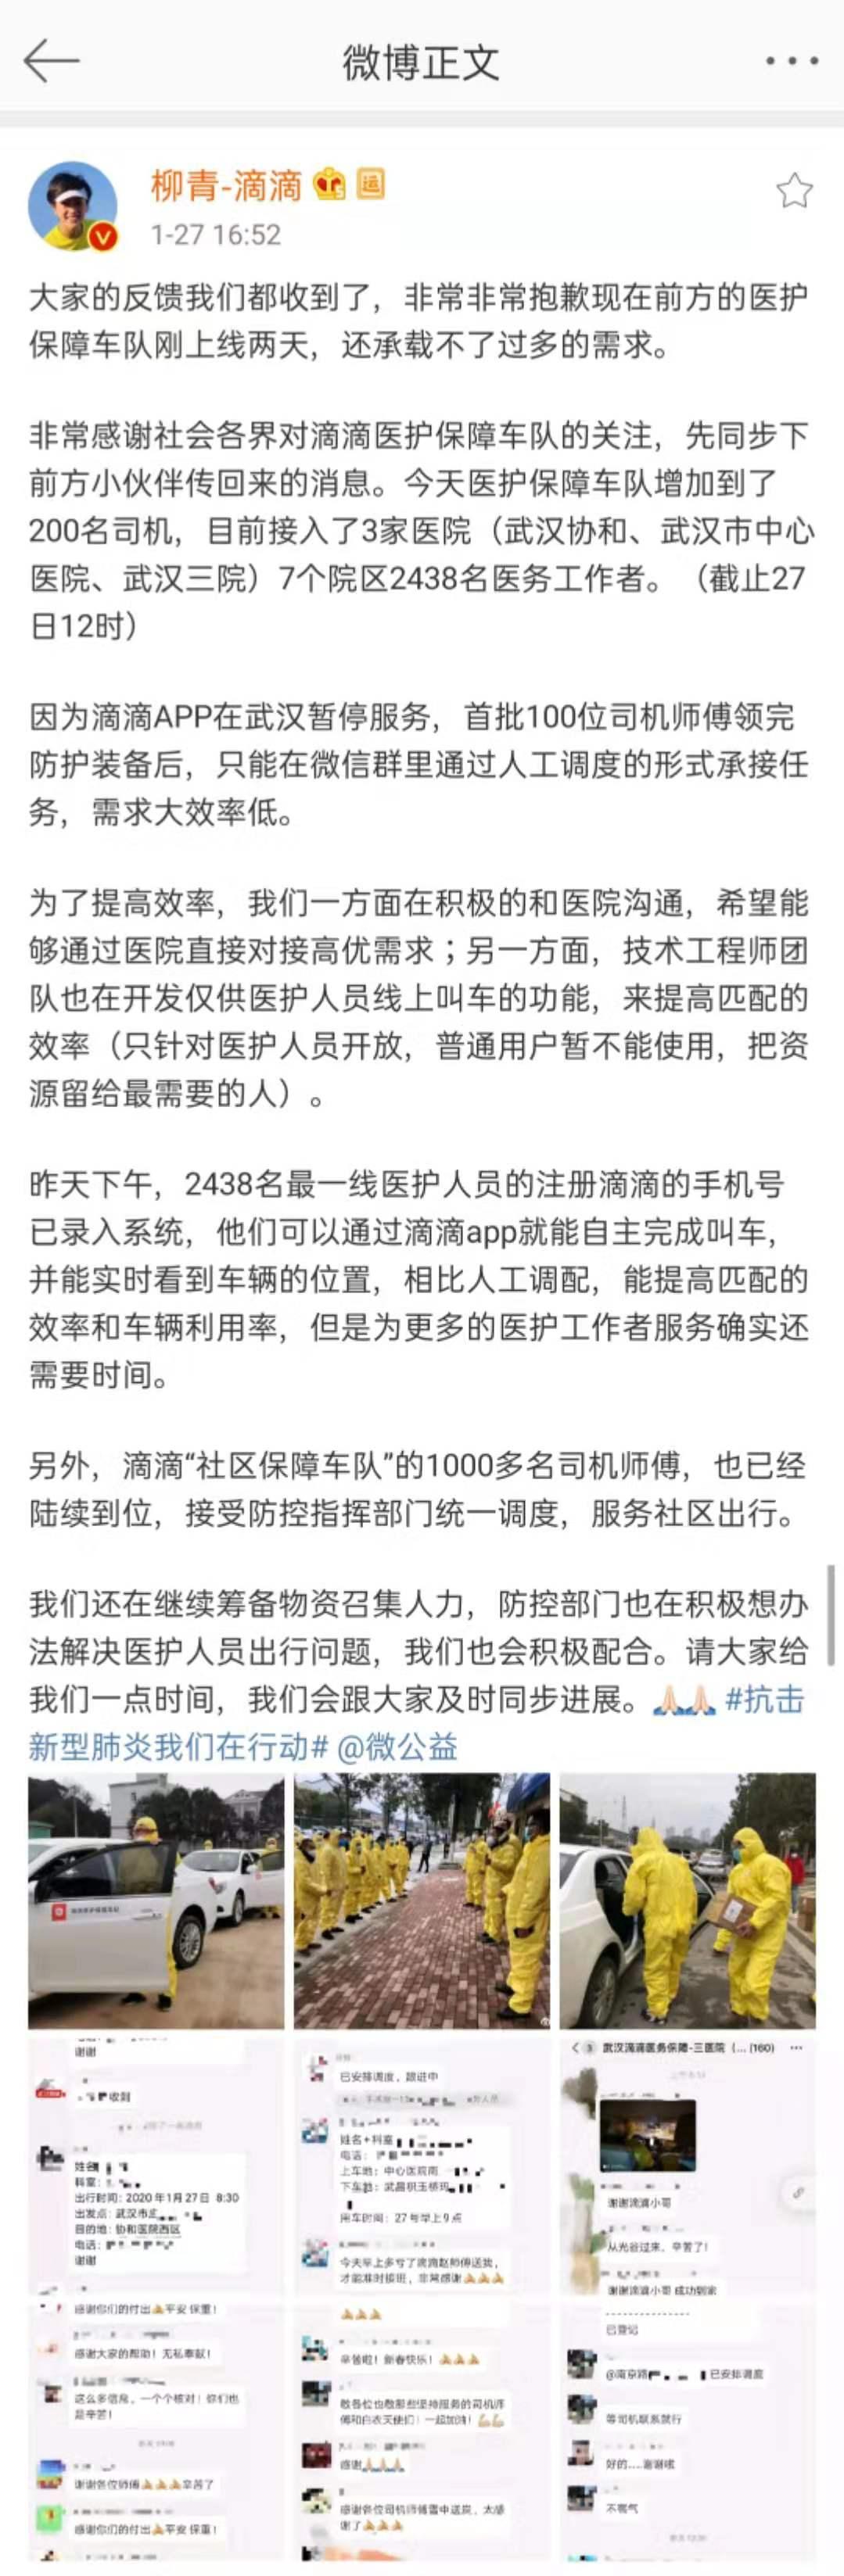 滴滴柳青:医护保障车队增加到了200名司机,武汉2438名一线医护可线上叫车